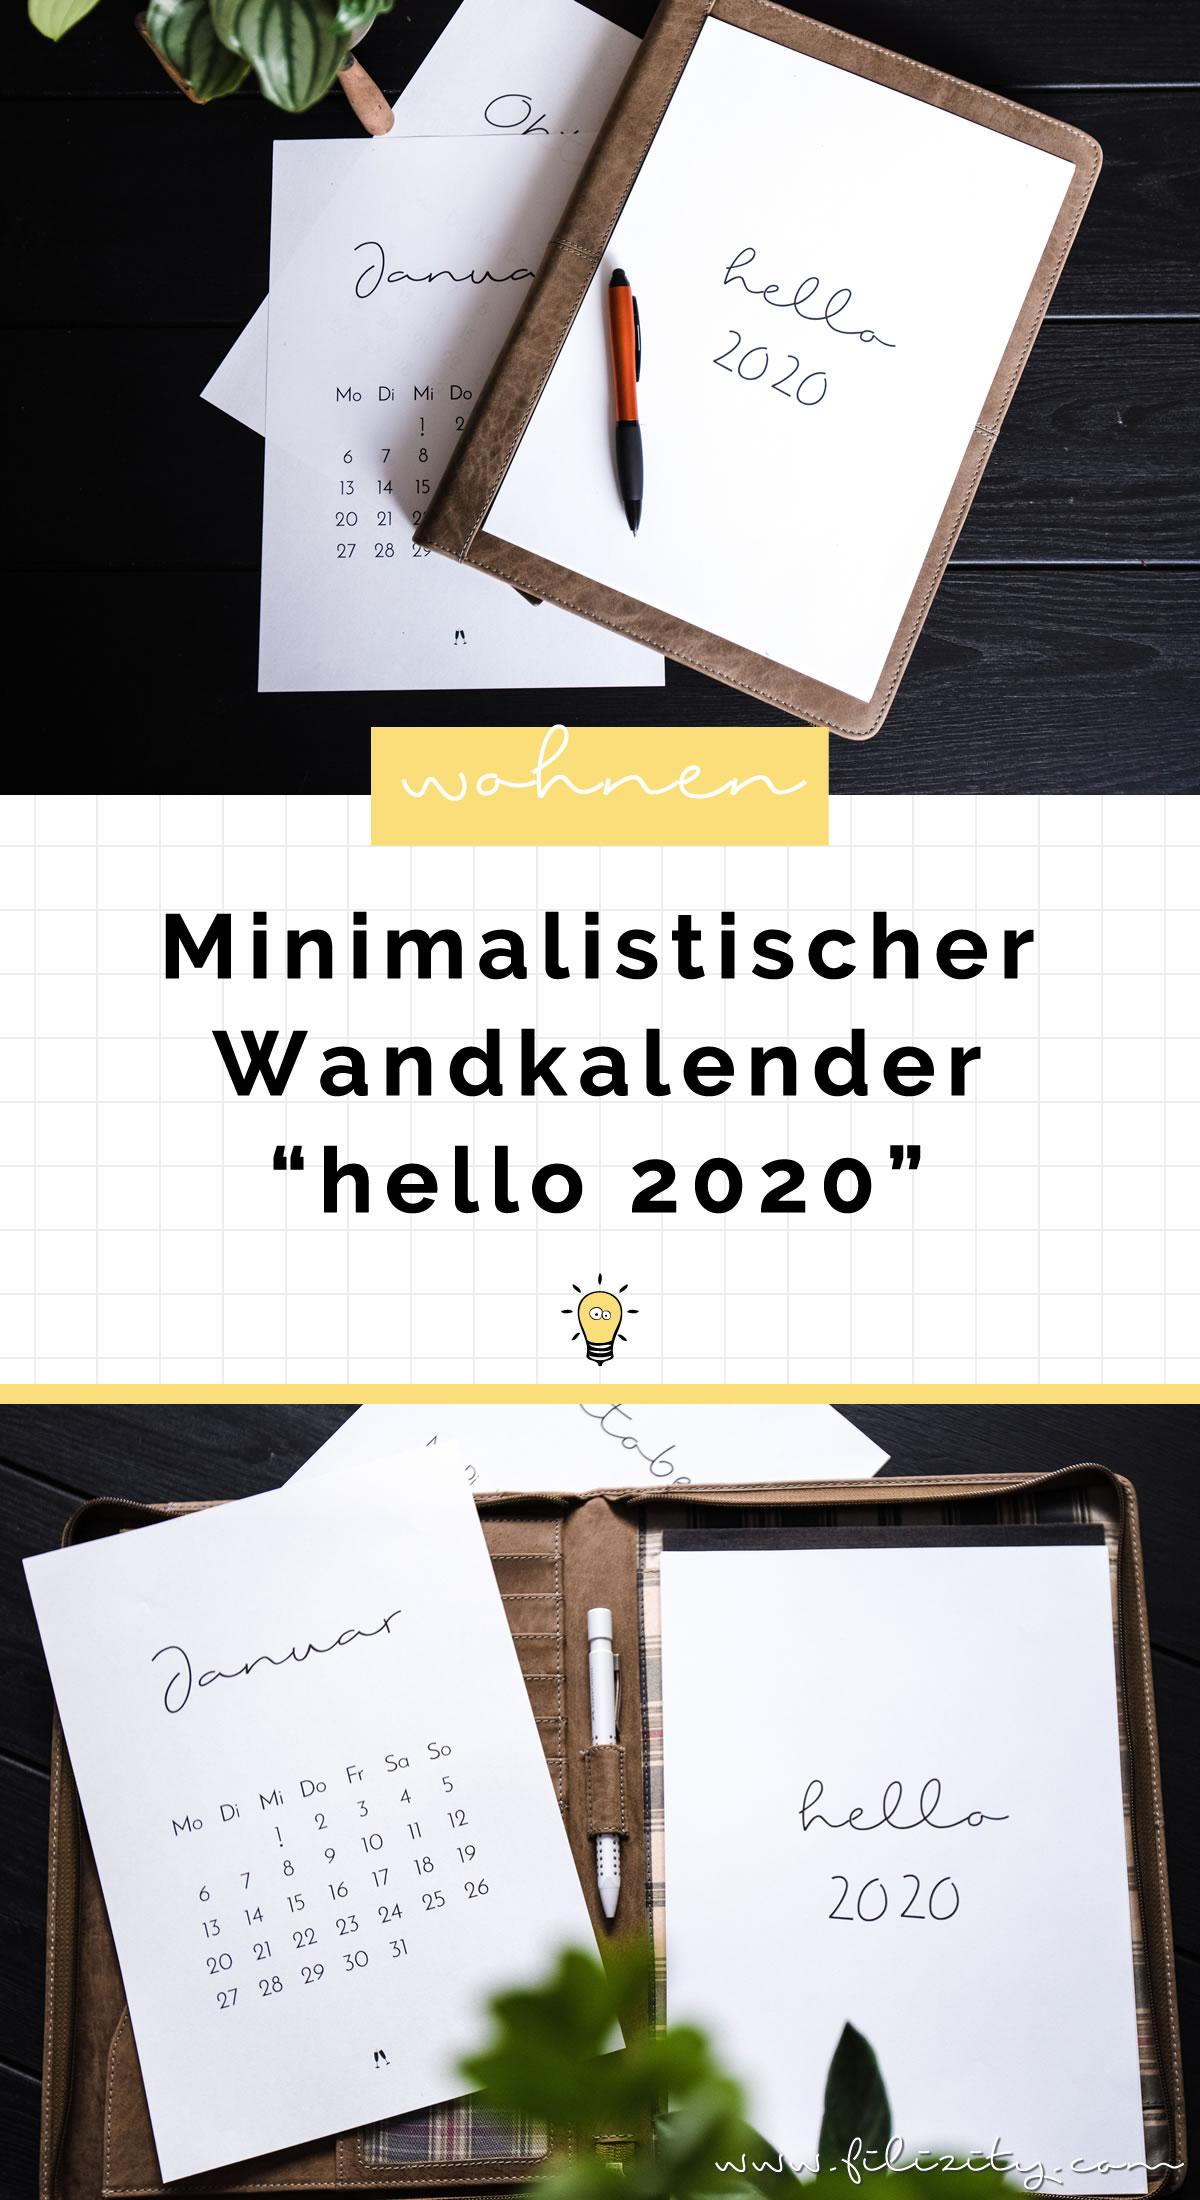 Minimalistischer Wand- & Tisch-Kalender 2020 - Druckvorlage | Filizity.com - Interior & DIY Blog und Shop